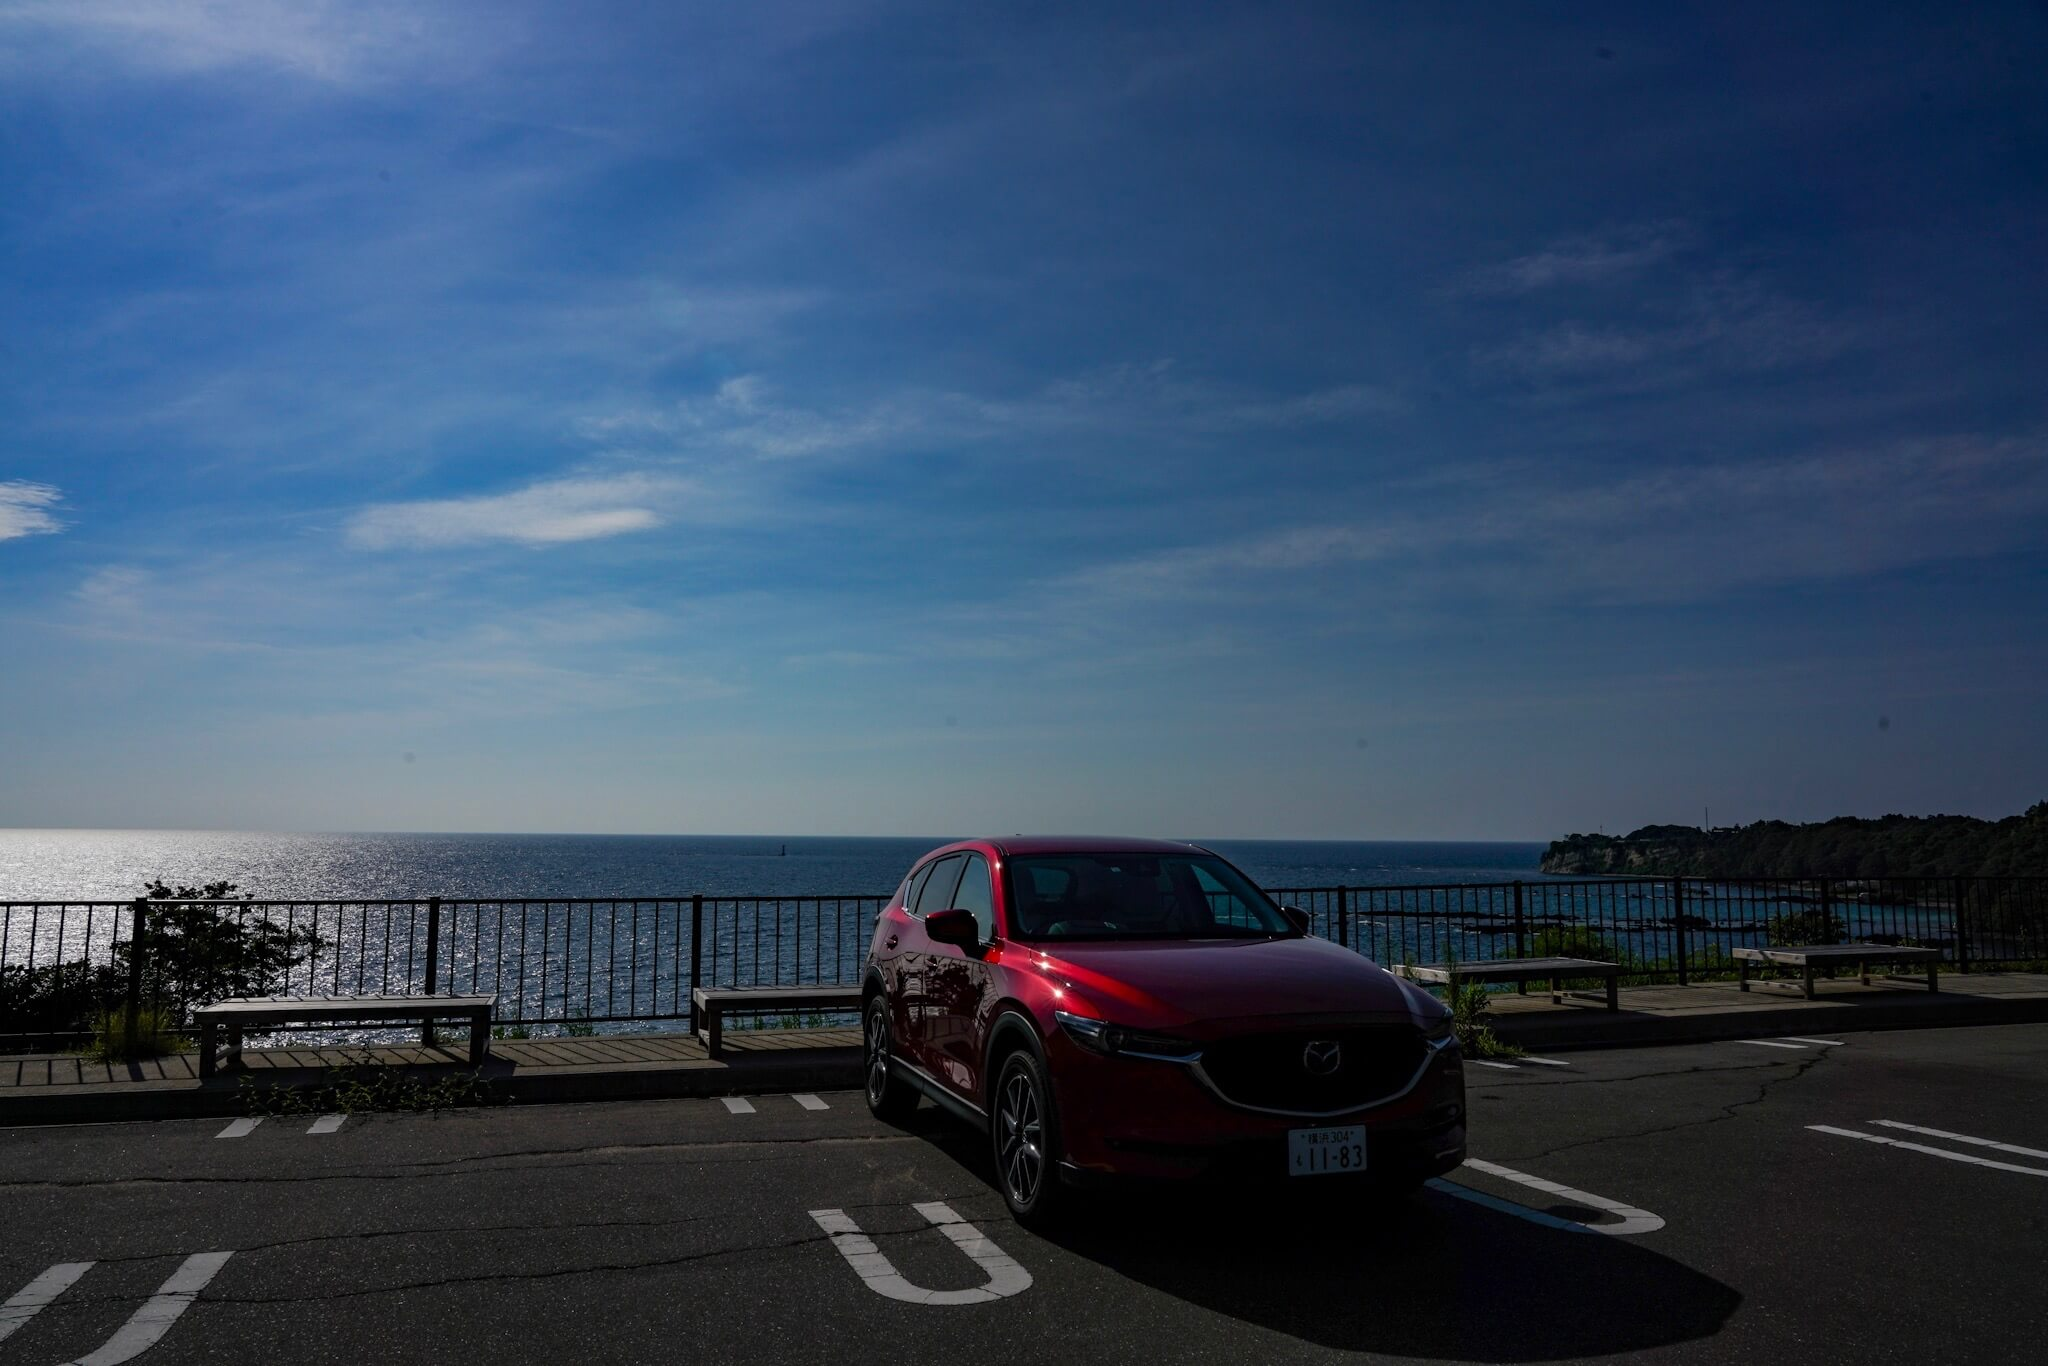 聖域の岬・青の洞窟 パワースポット 駐車場